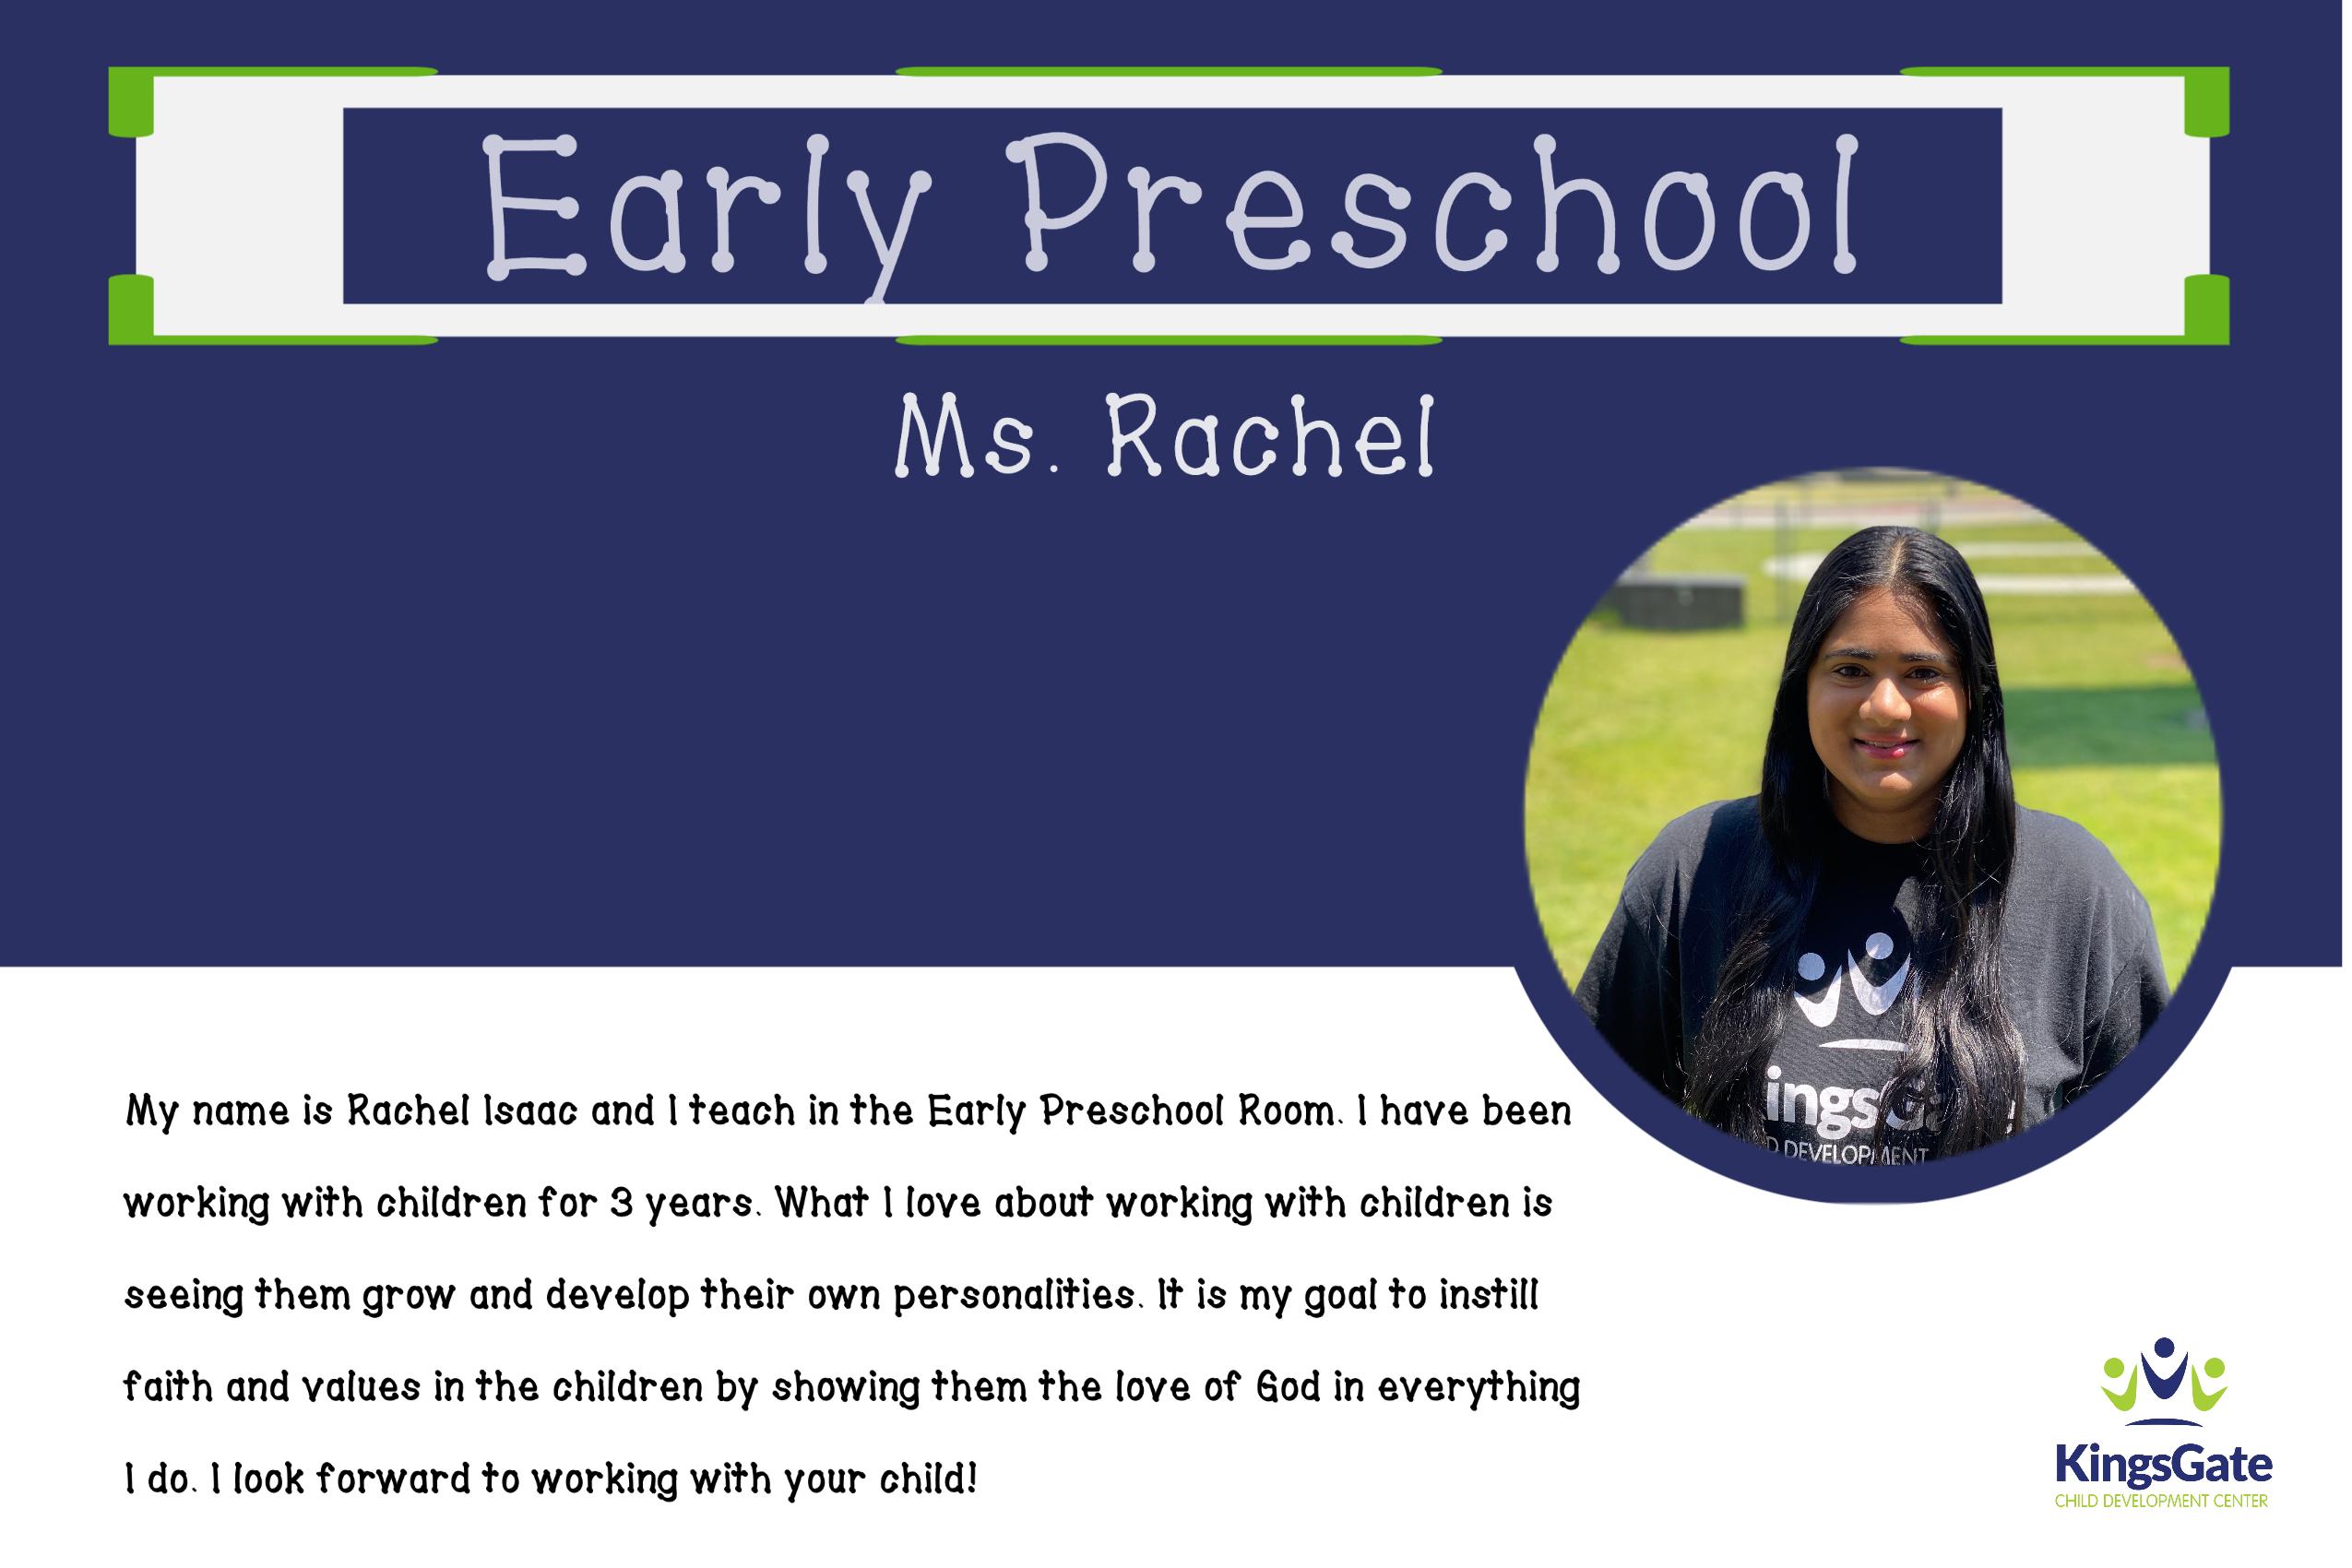 Ms. Rachel